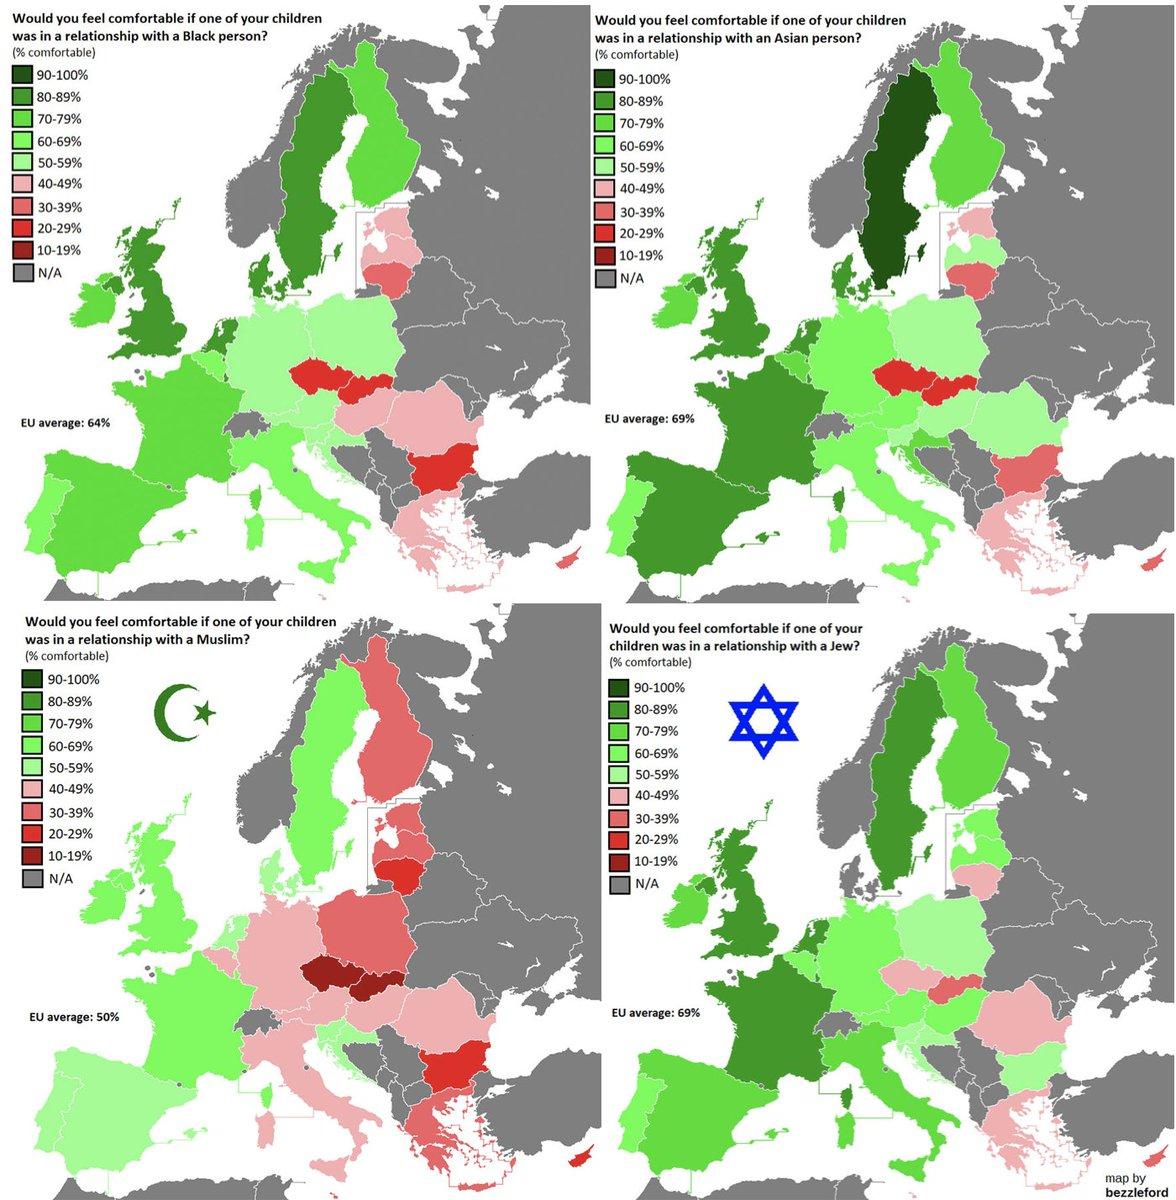 Ken rutkowski on twitter maps reveals europes most racist ken rutkowski on twitter maps reveals europes most racist countries you wont like it httpstggrscvmrxj gumiabroncs Gallery